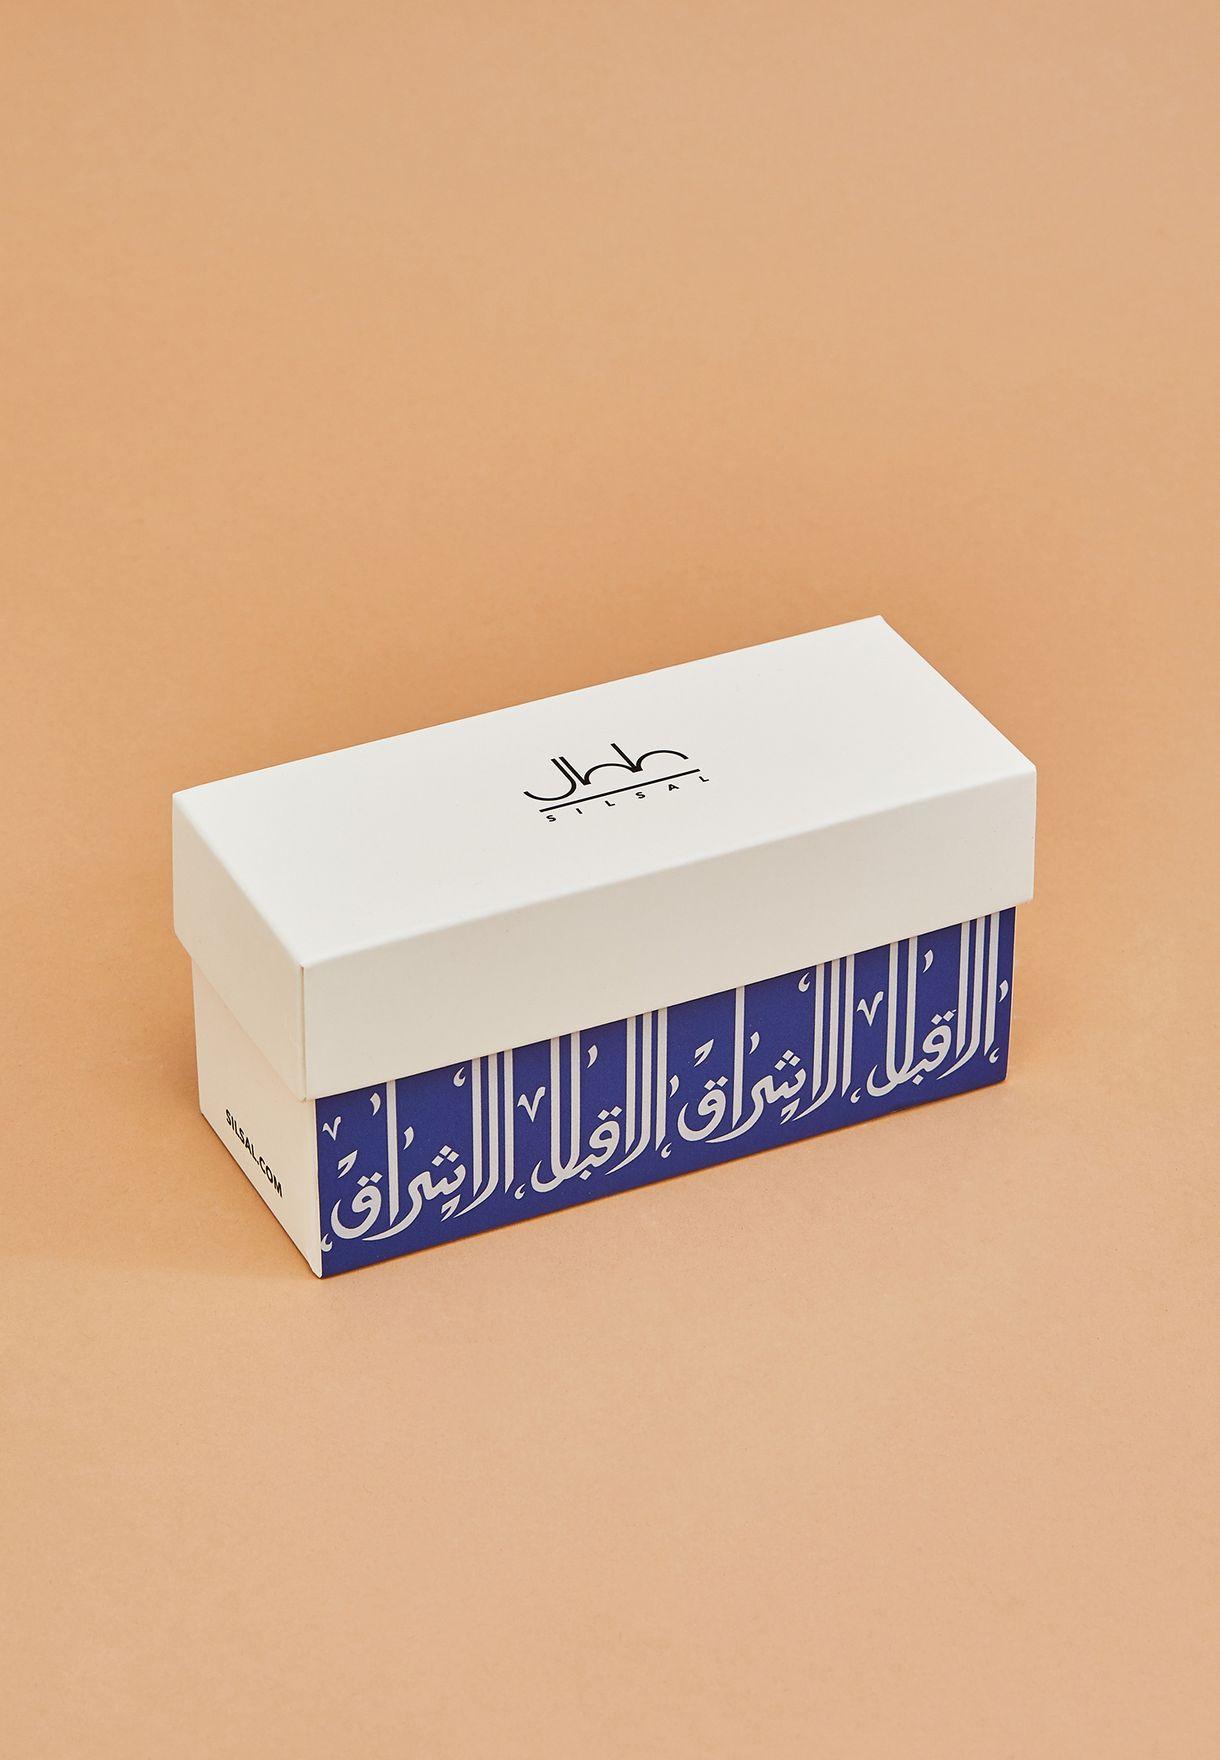 طقم 2 فنجان قهوة عربي غيدا